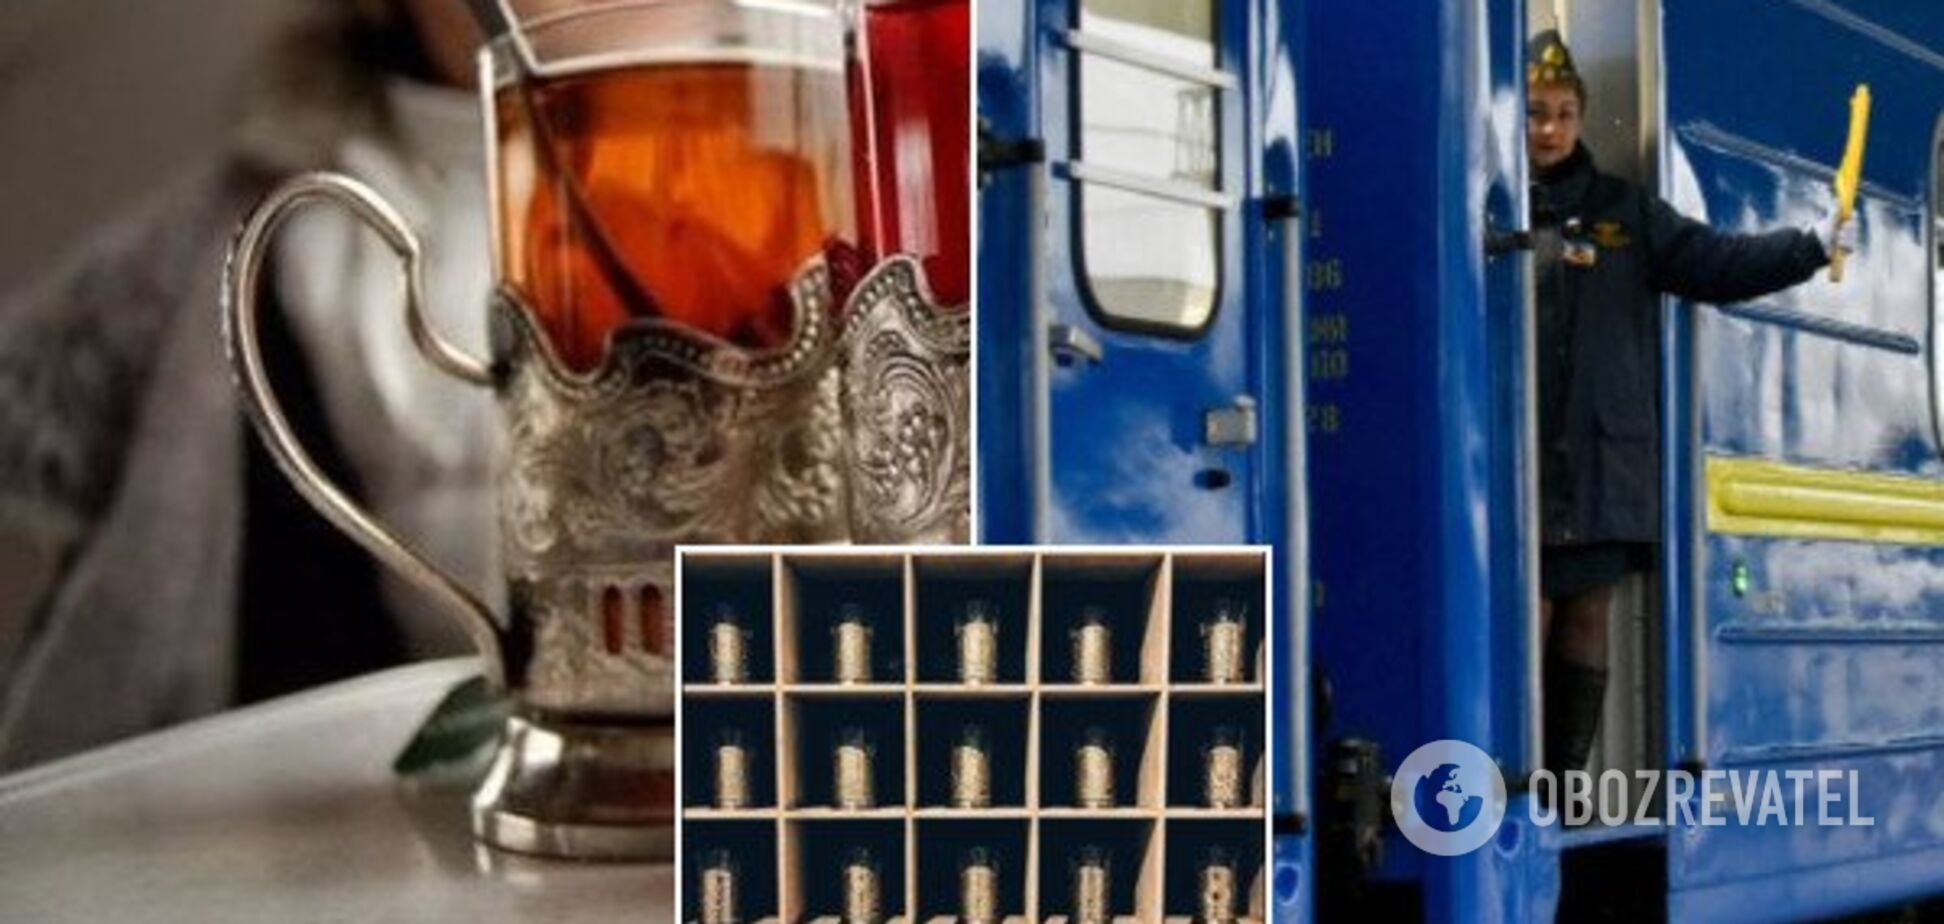 'Нахабство захмарне!' Скандал в УЗ з чашками по 2 тисячі грн отримав несподіване продовження